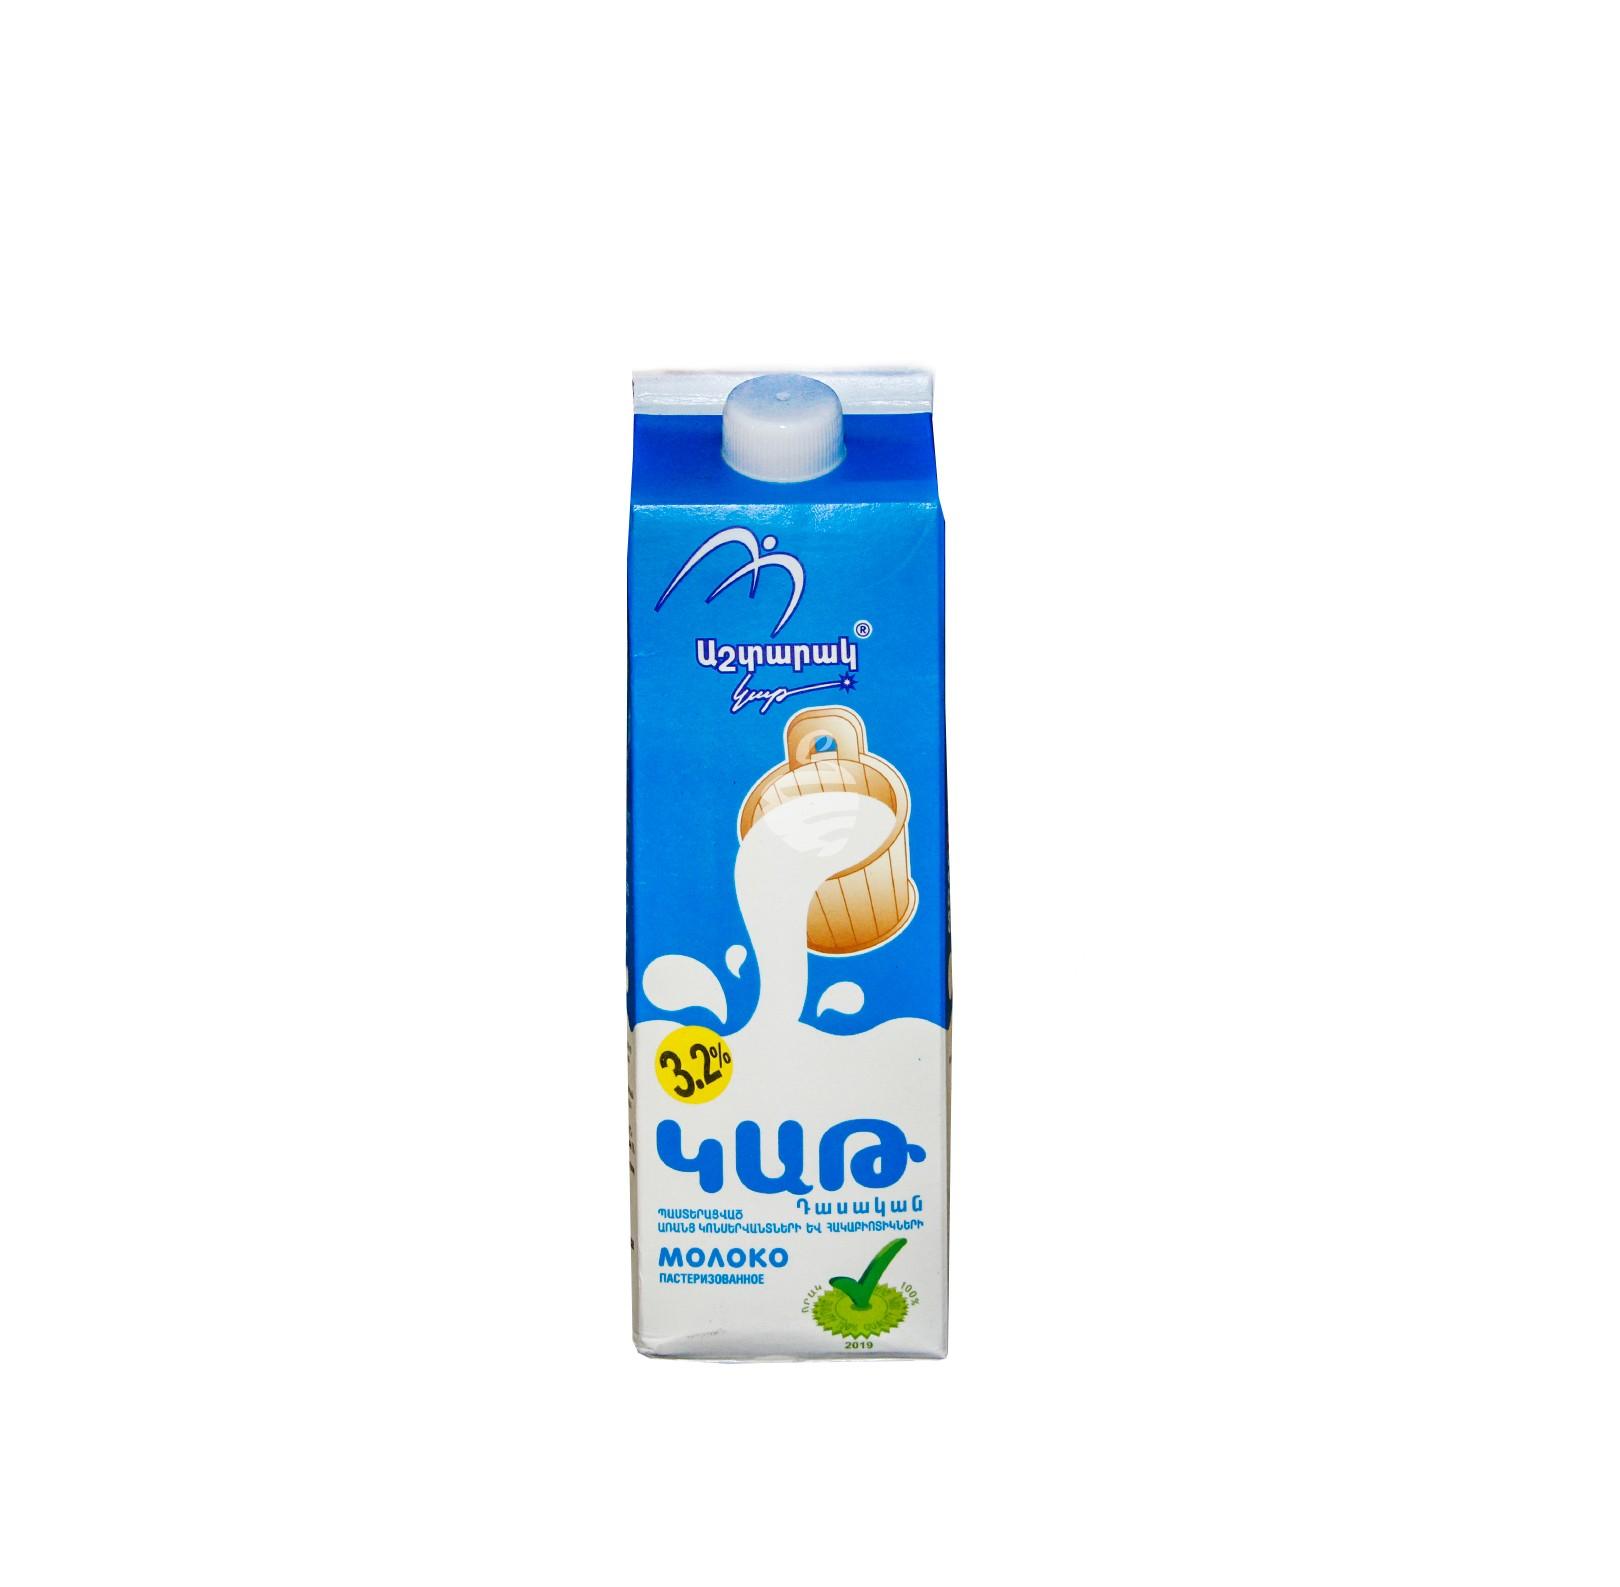 """Կաթ """"Աշտարակ կաթ"""" 1լ 3.2%"""